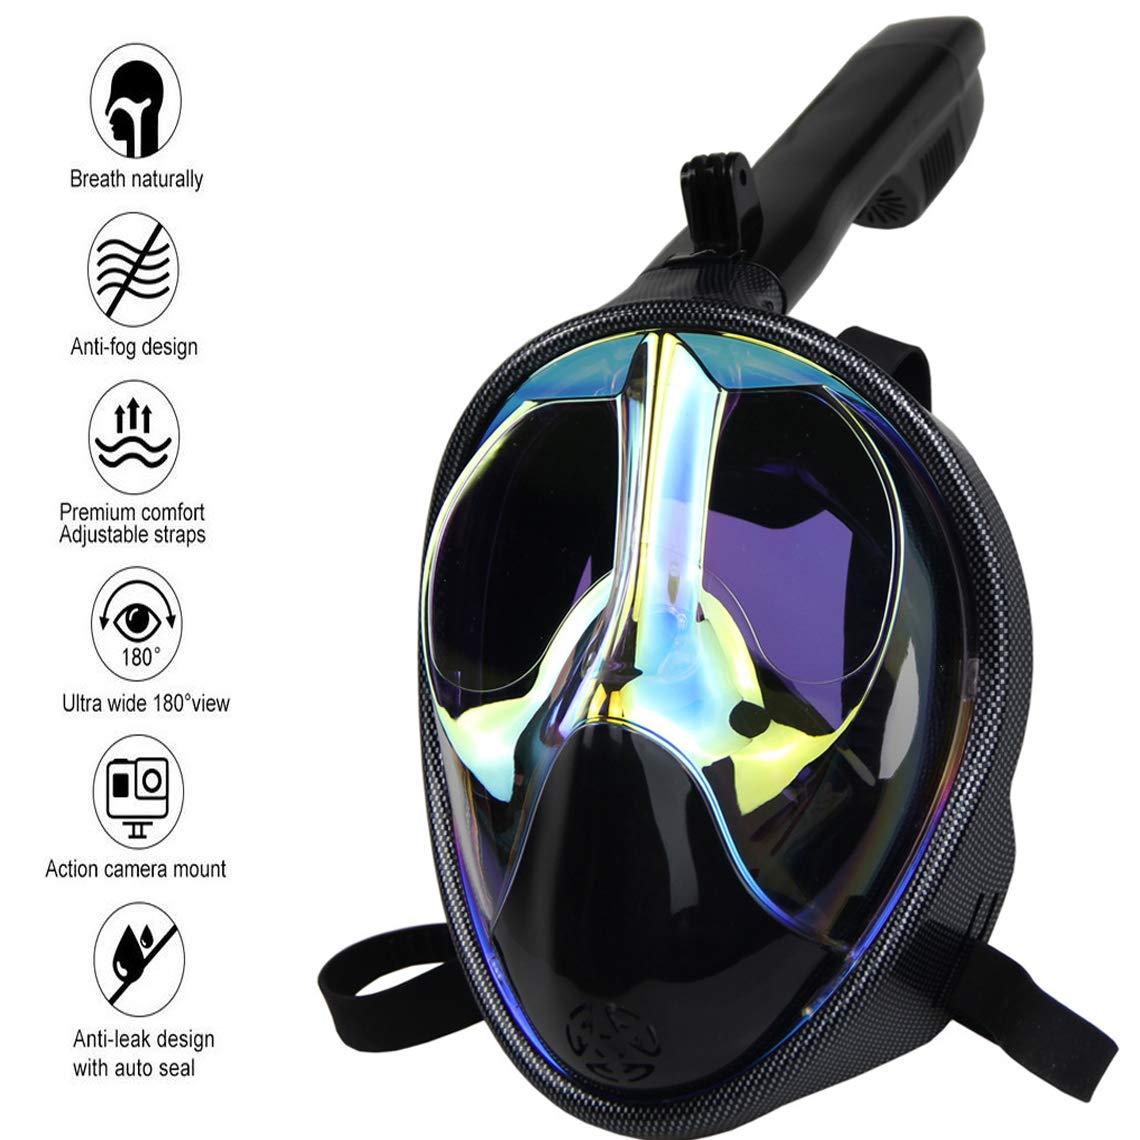 Baulanna Maschera Subacquea Professionale Maschera da Snorkeling Panoramica a 180/° Antiappannamento e Anti-Infiltrazioni Tubo Respiratorio Pieghevole per Uomo Donna Adulti